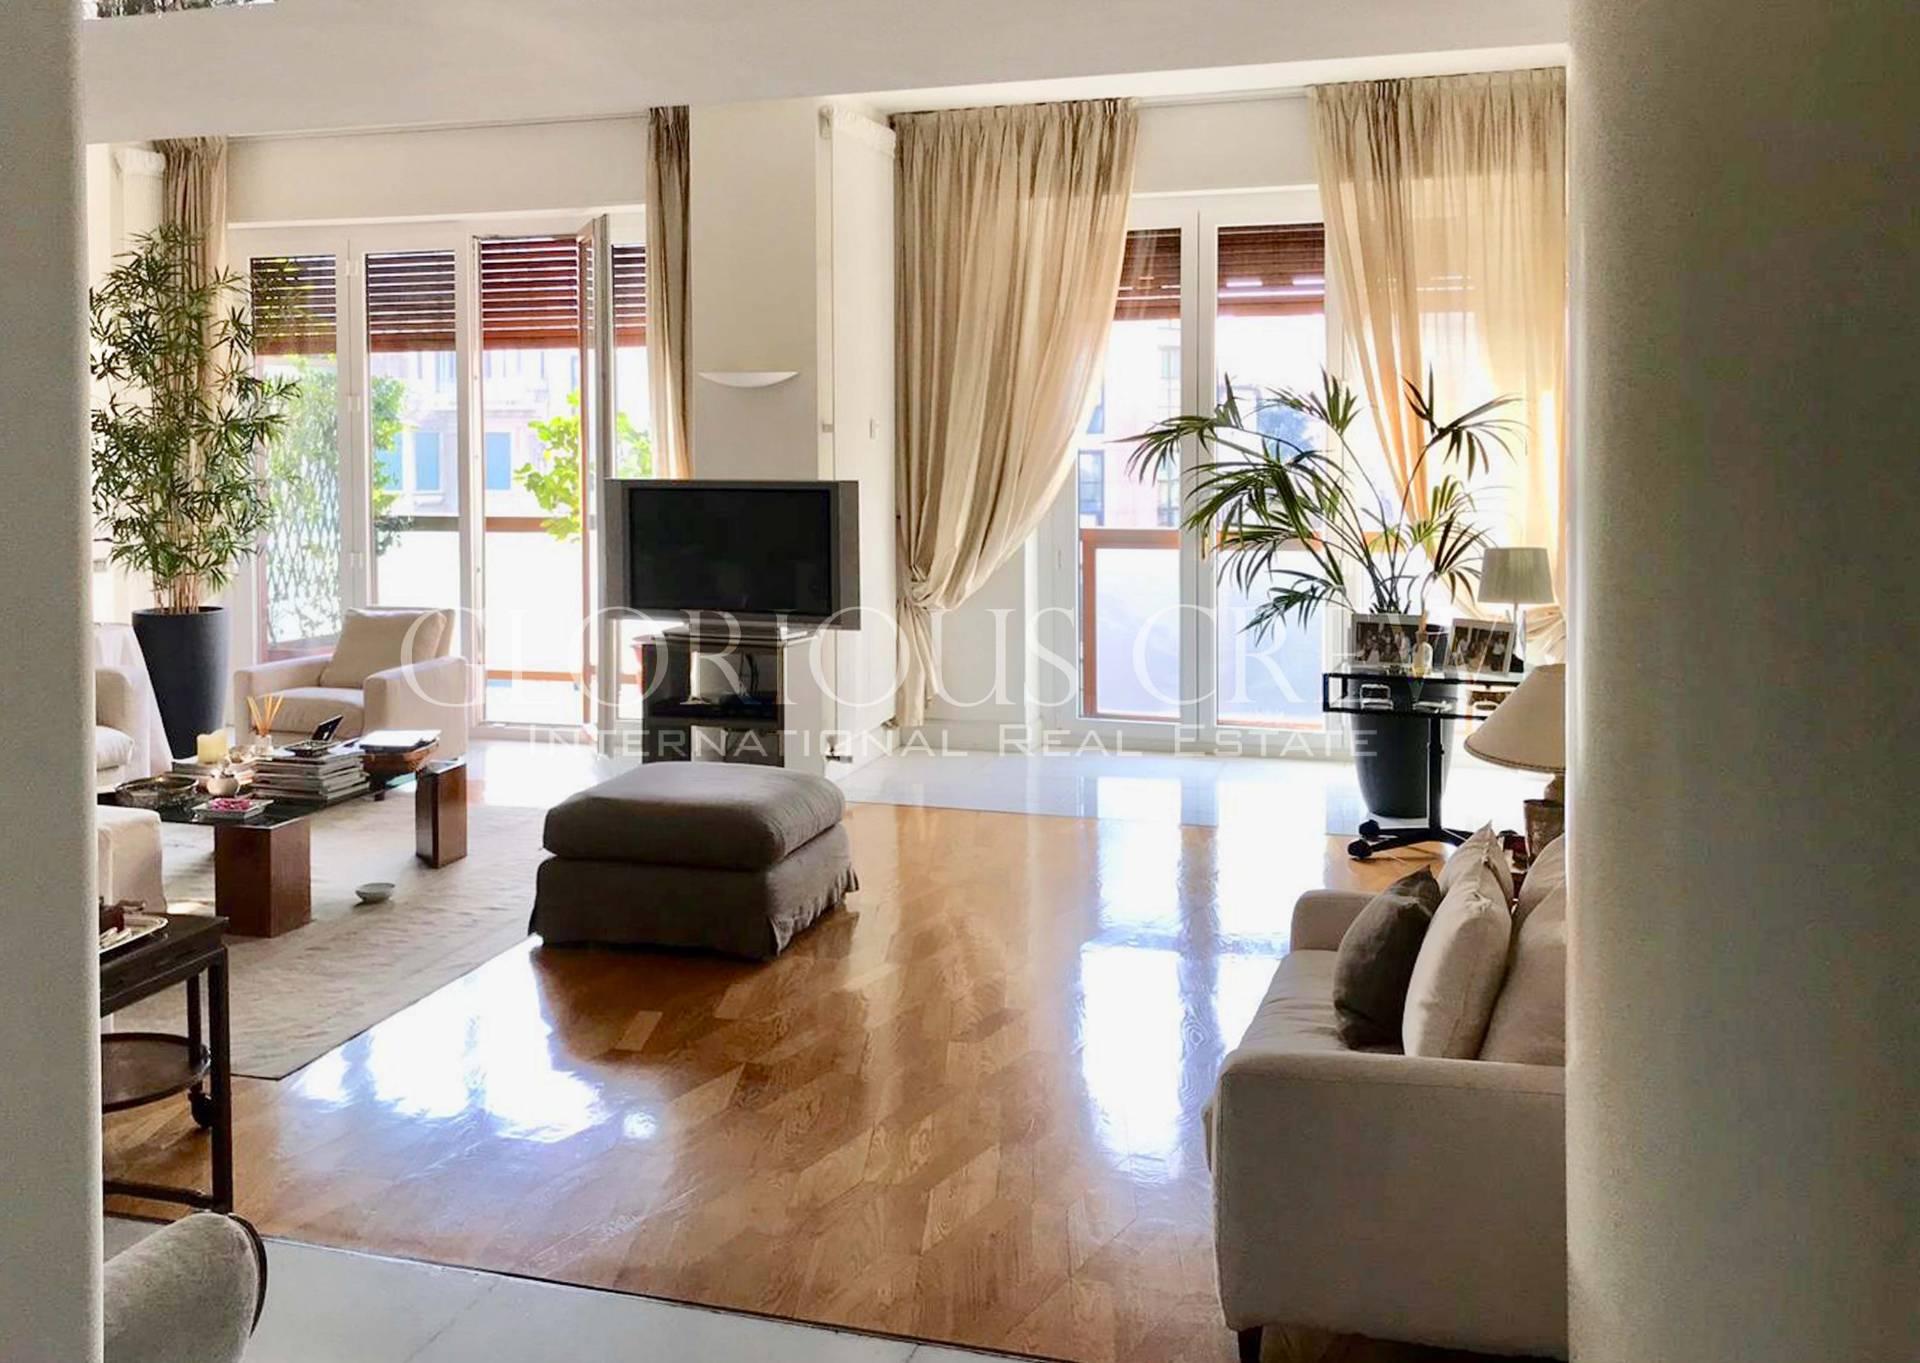 Appartamento in Vendita a Milano: 5 locali, 215 mq - Foto 3